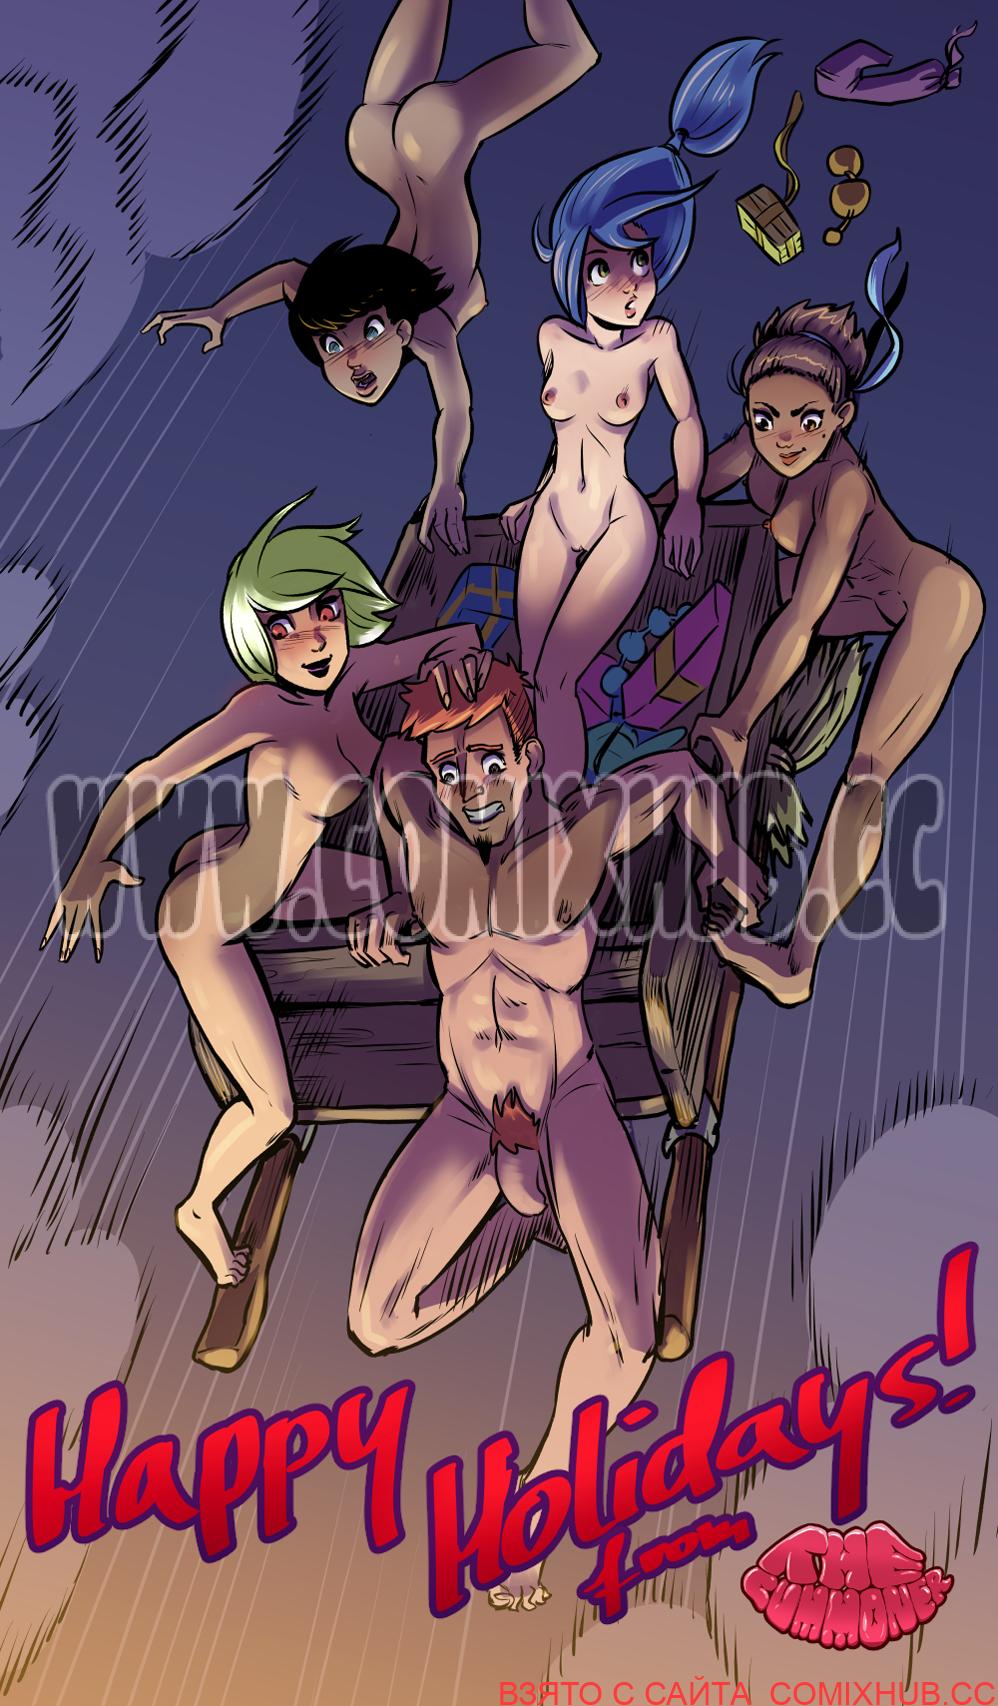 Волшебница 21 часть порно комиксы Без цензуры, Анал, Большие члены, Измена, Минет, Порно комиксы